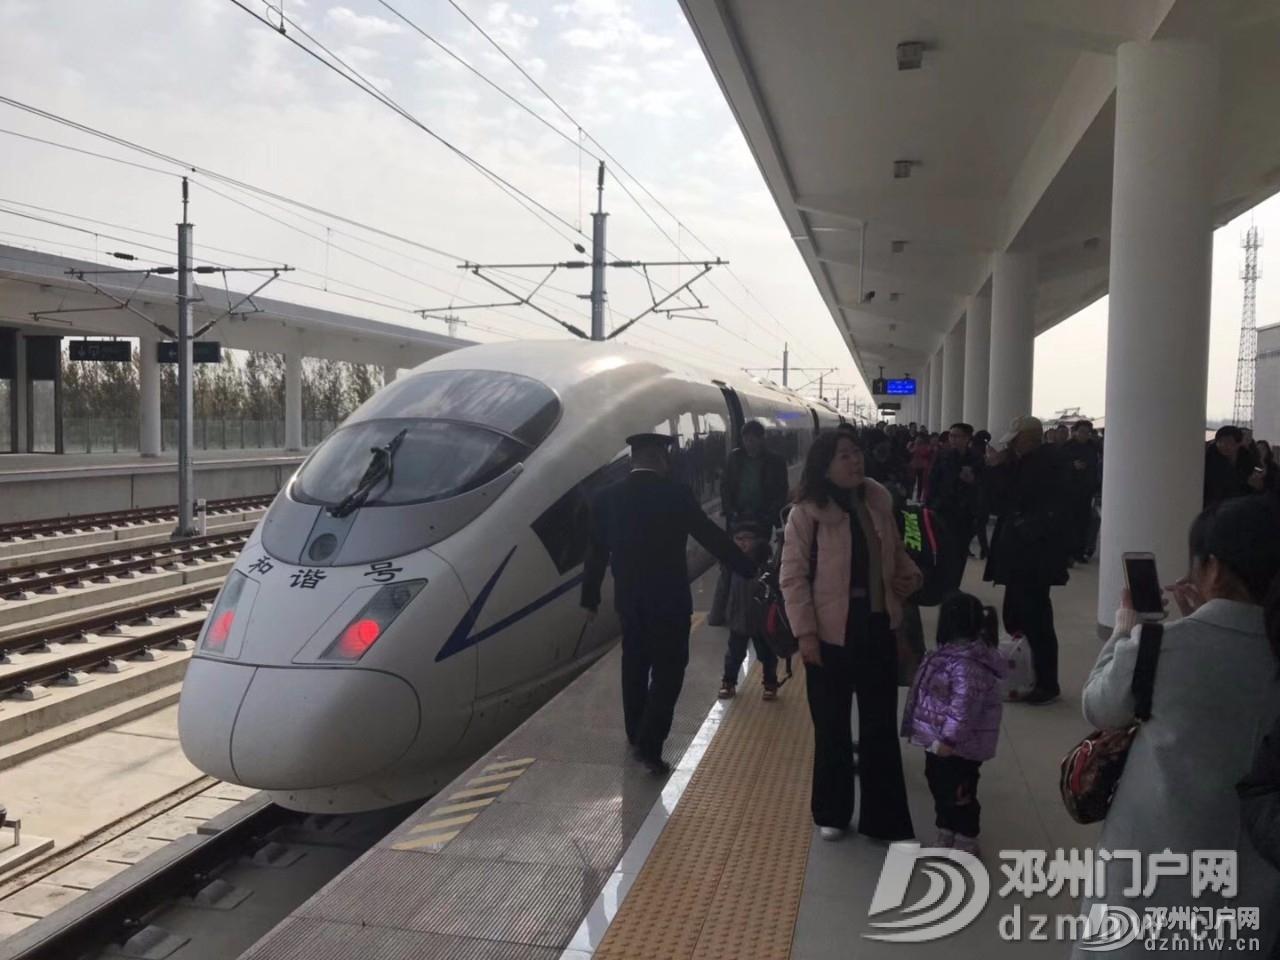 今天上午,邓州高铁东站首发列车来了!直击现场... - 邓州门户网 邓州网 - f652e398fe2c062fd1117616e14a019a.jpg